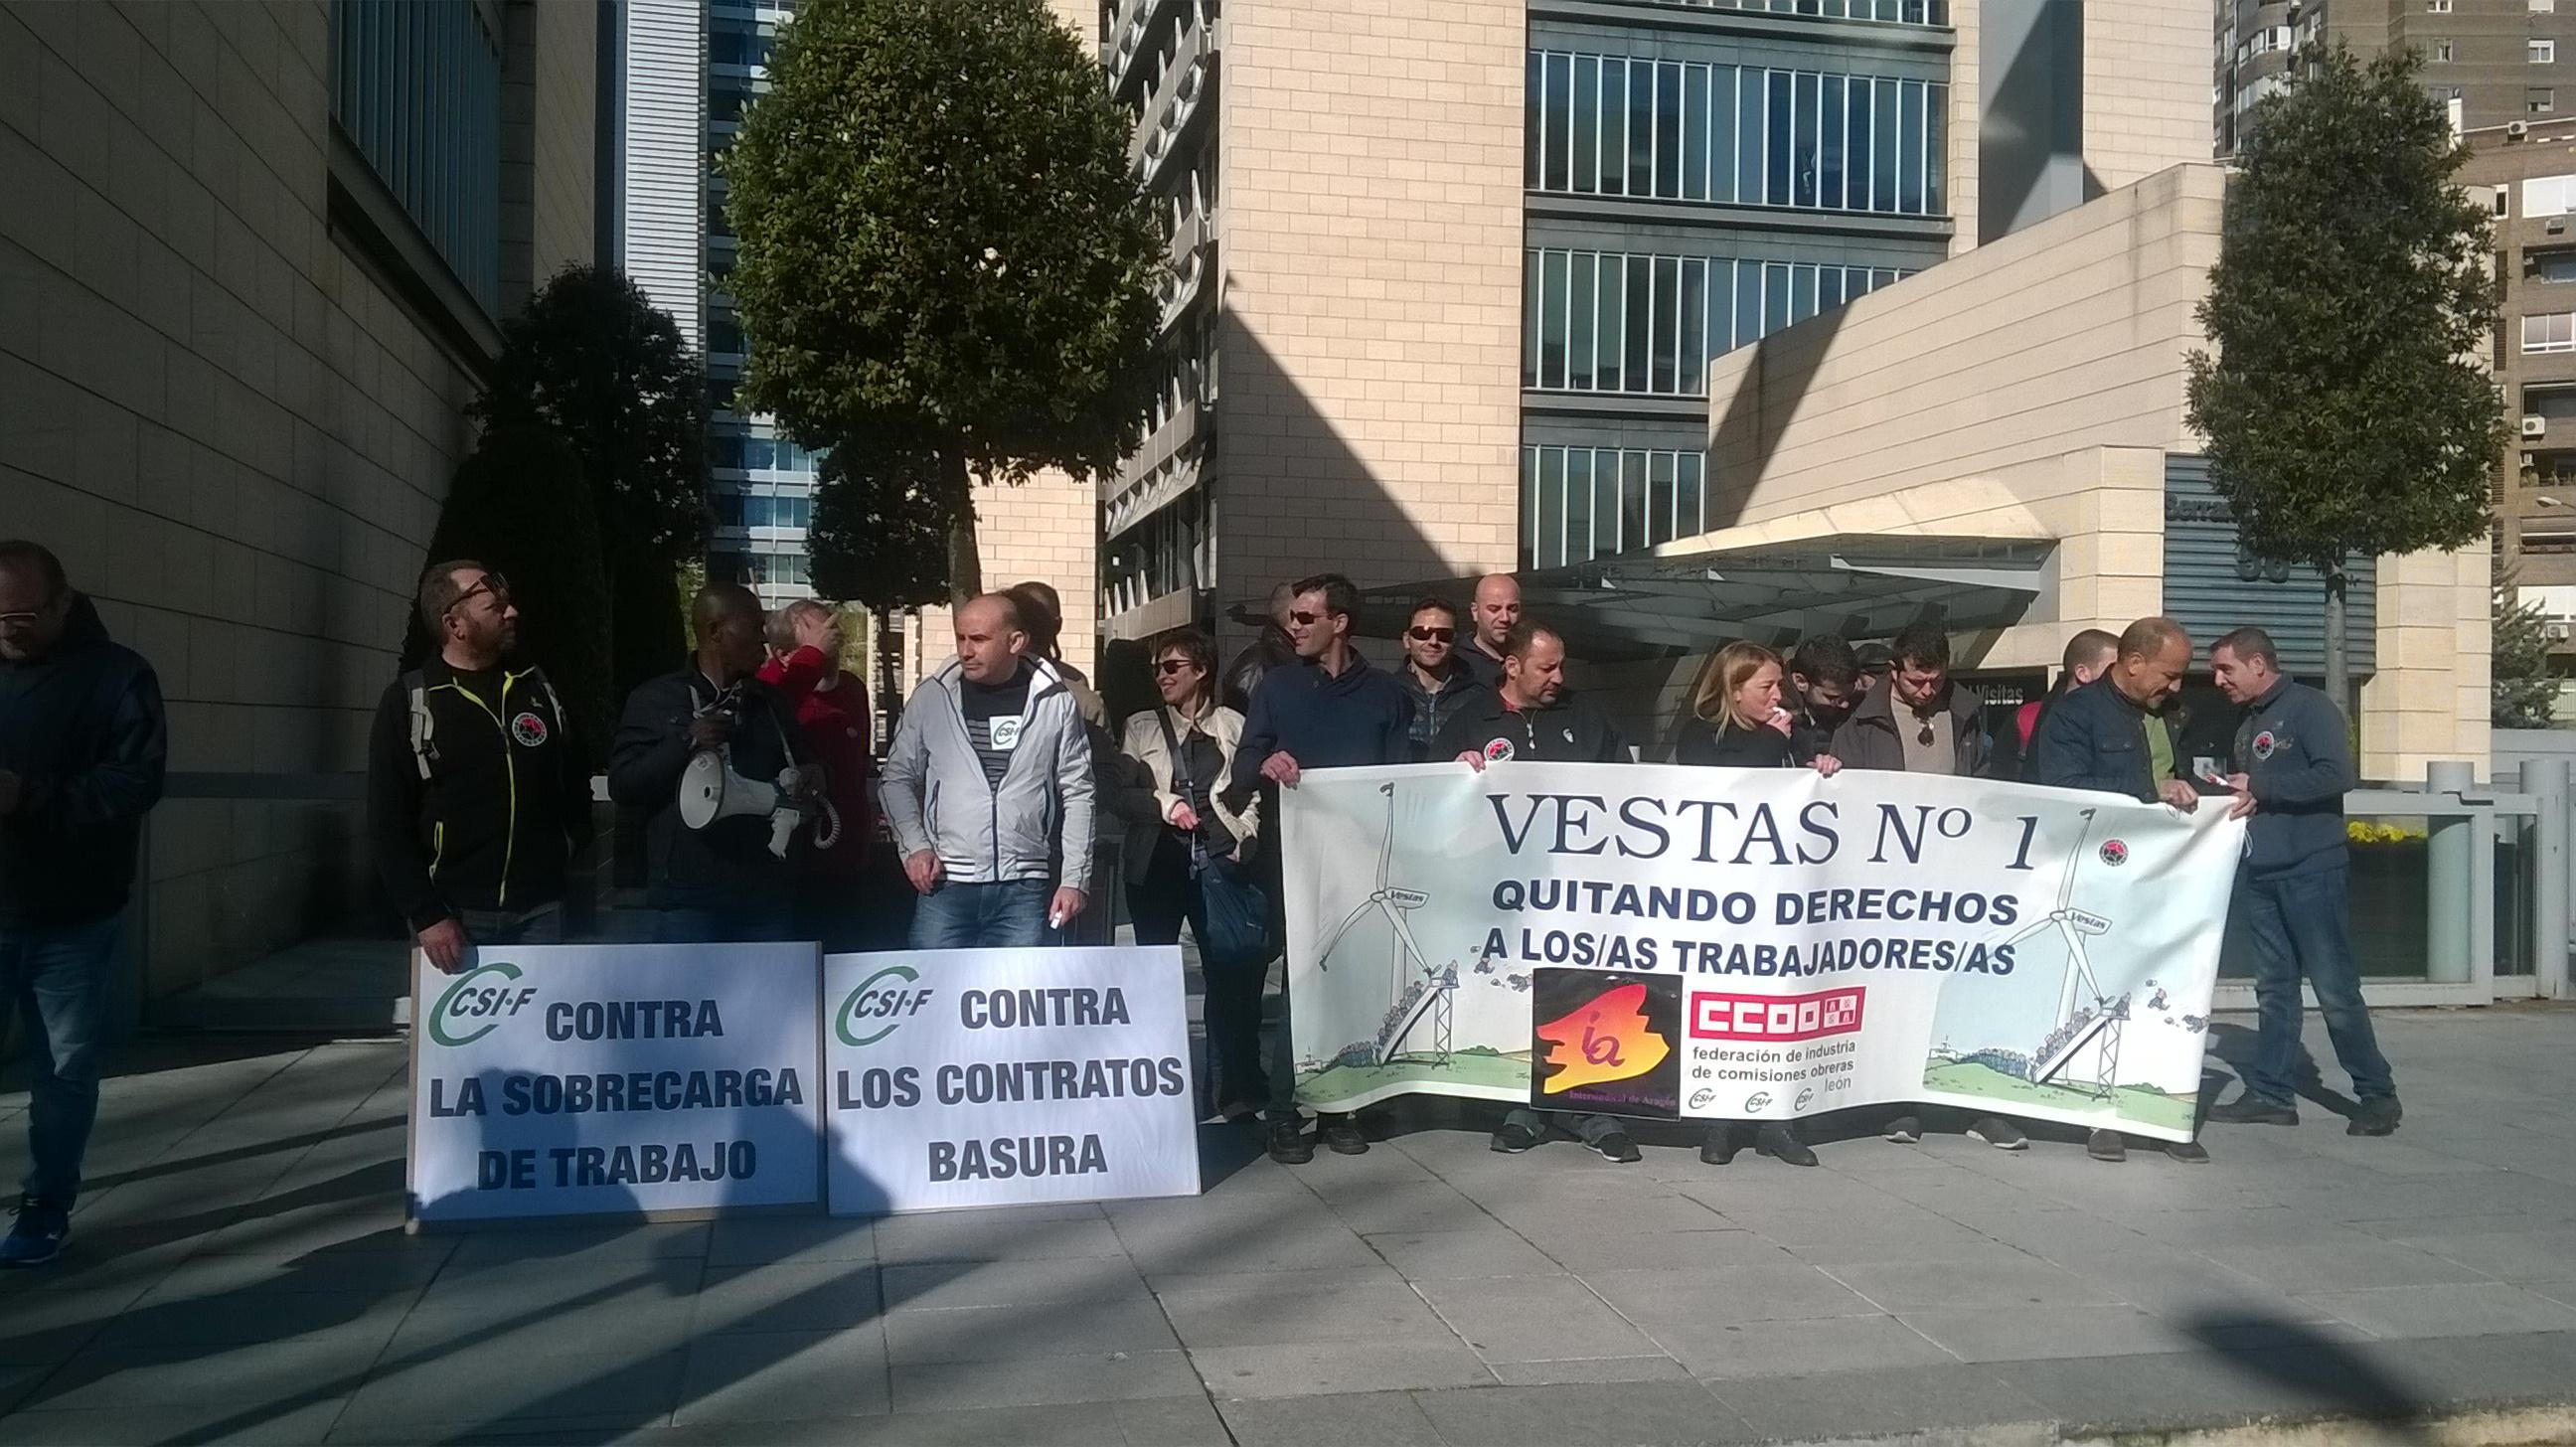 Vestas Incumple su primer mandato «la seguridad es lo primero». Información a los trabajador@s de Vestas.